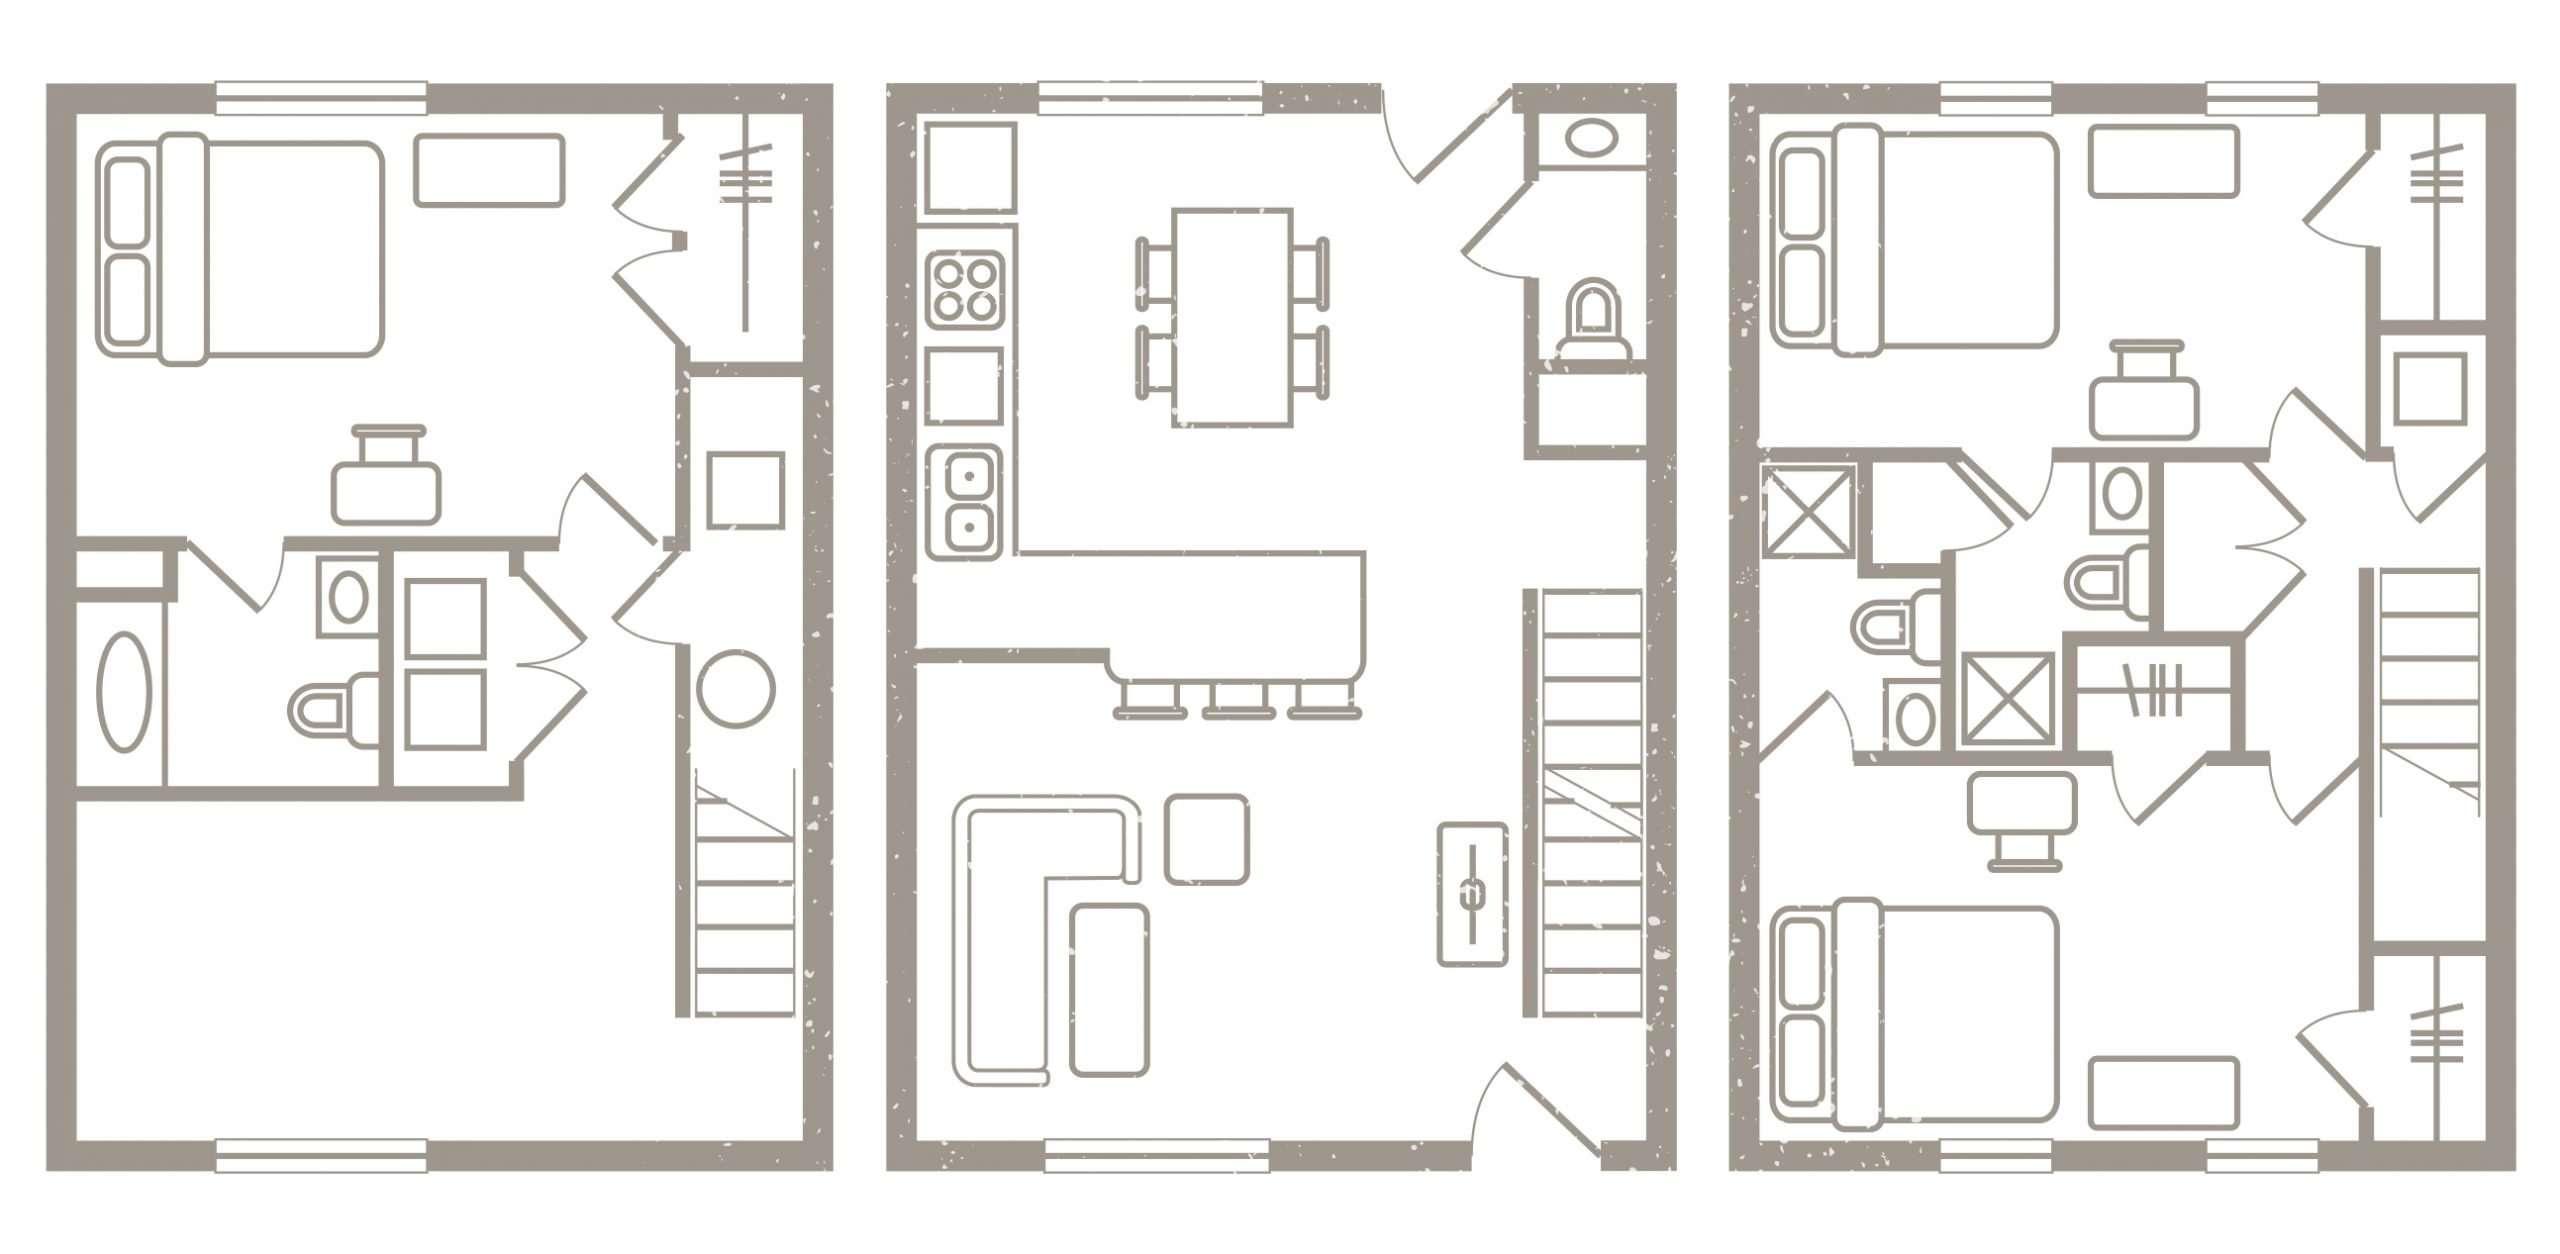 3 Bedroom Floorplan 1